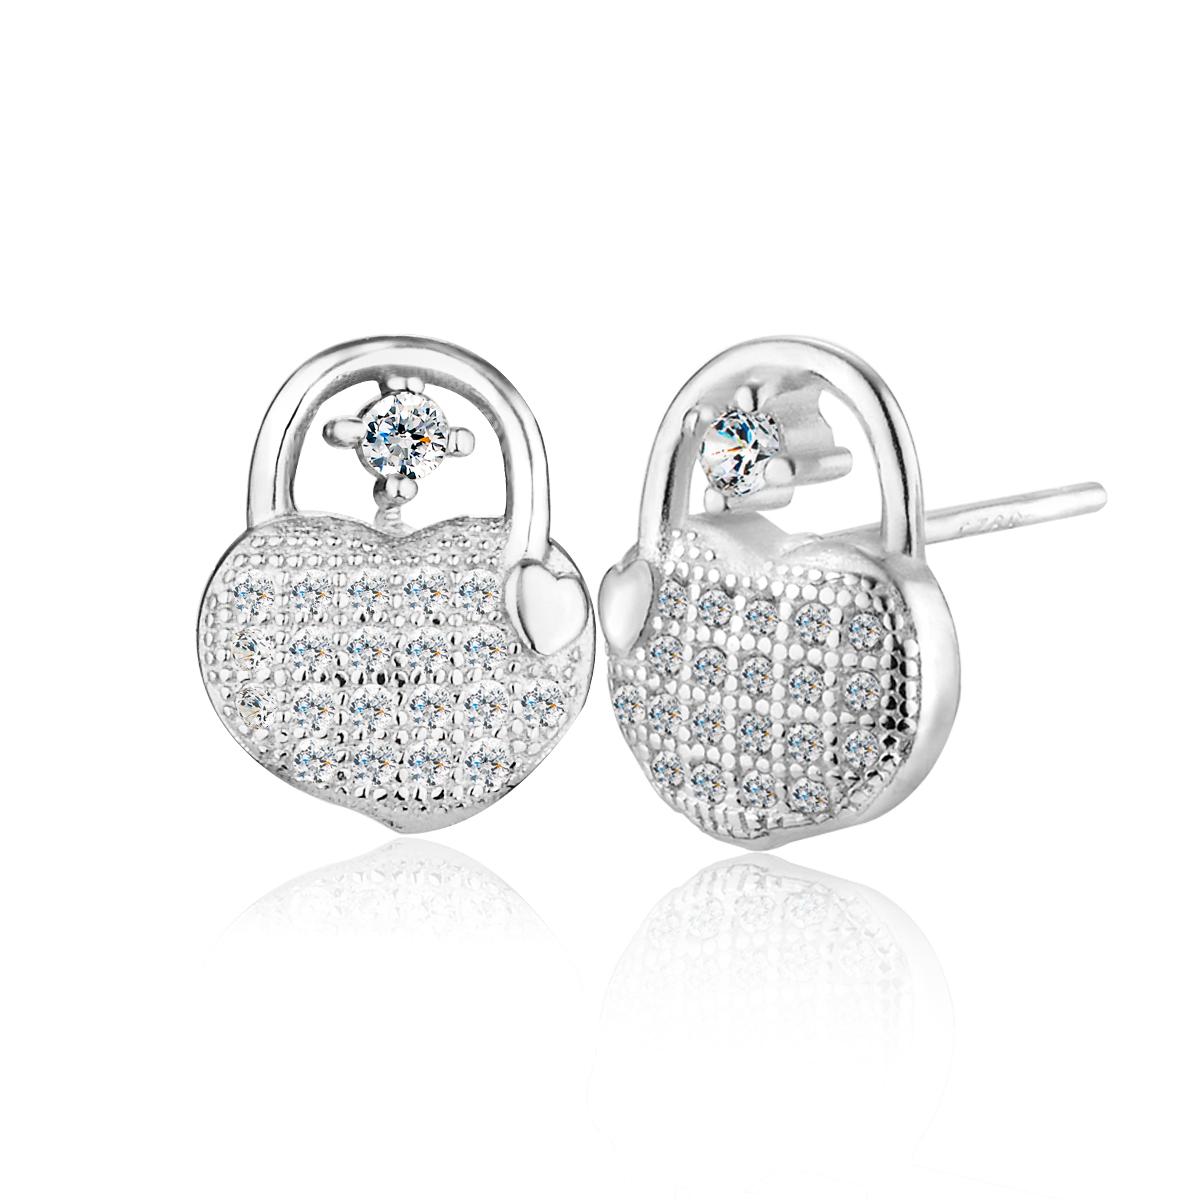 ED138 手提愛心包造型耳環/一對販售